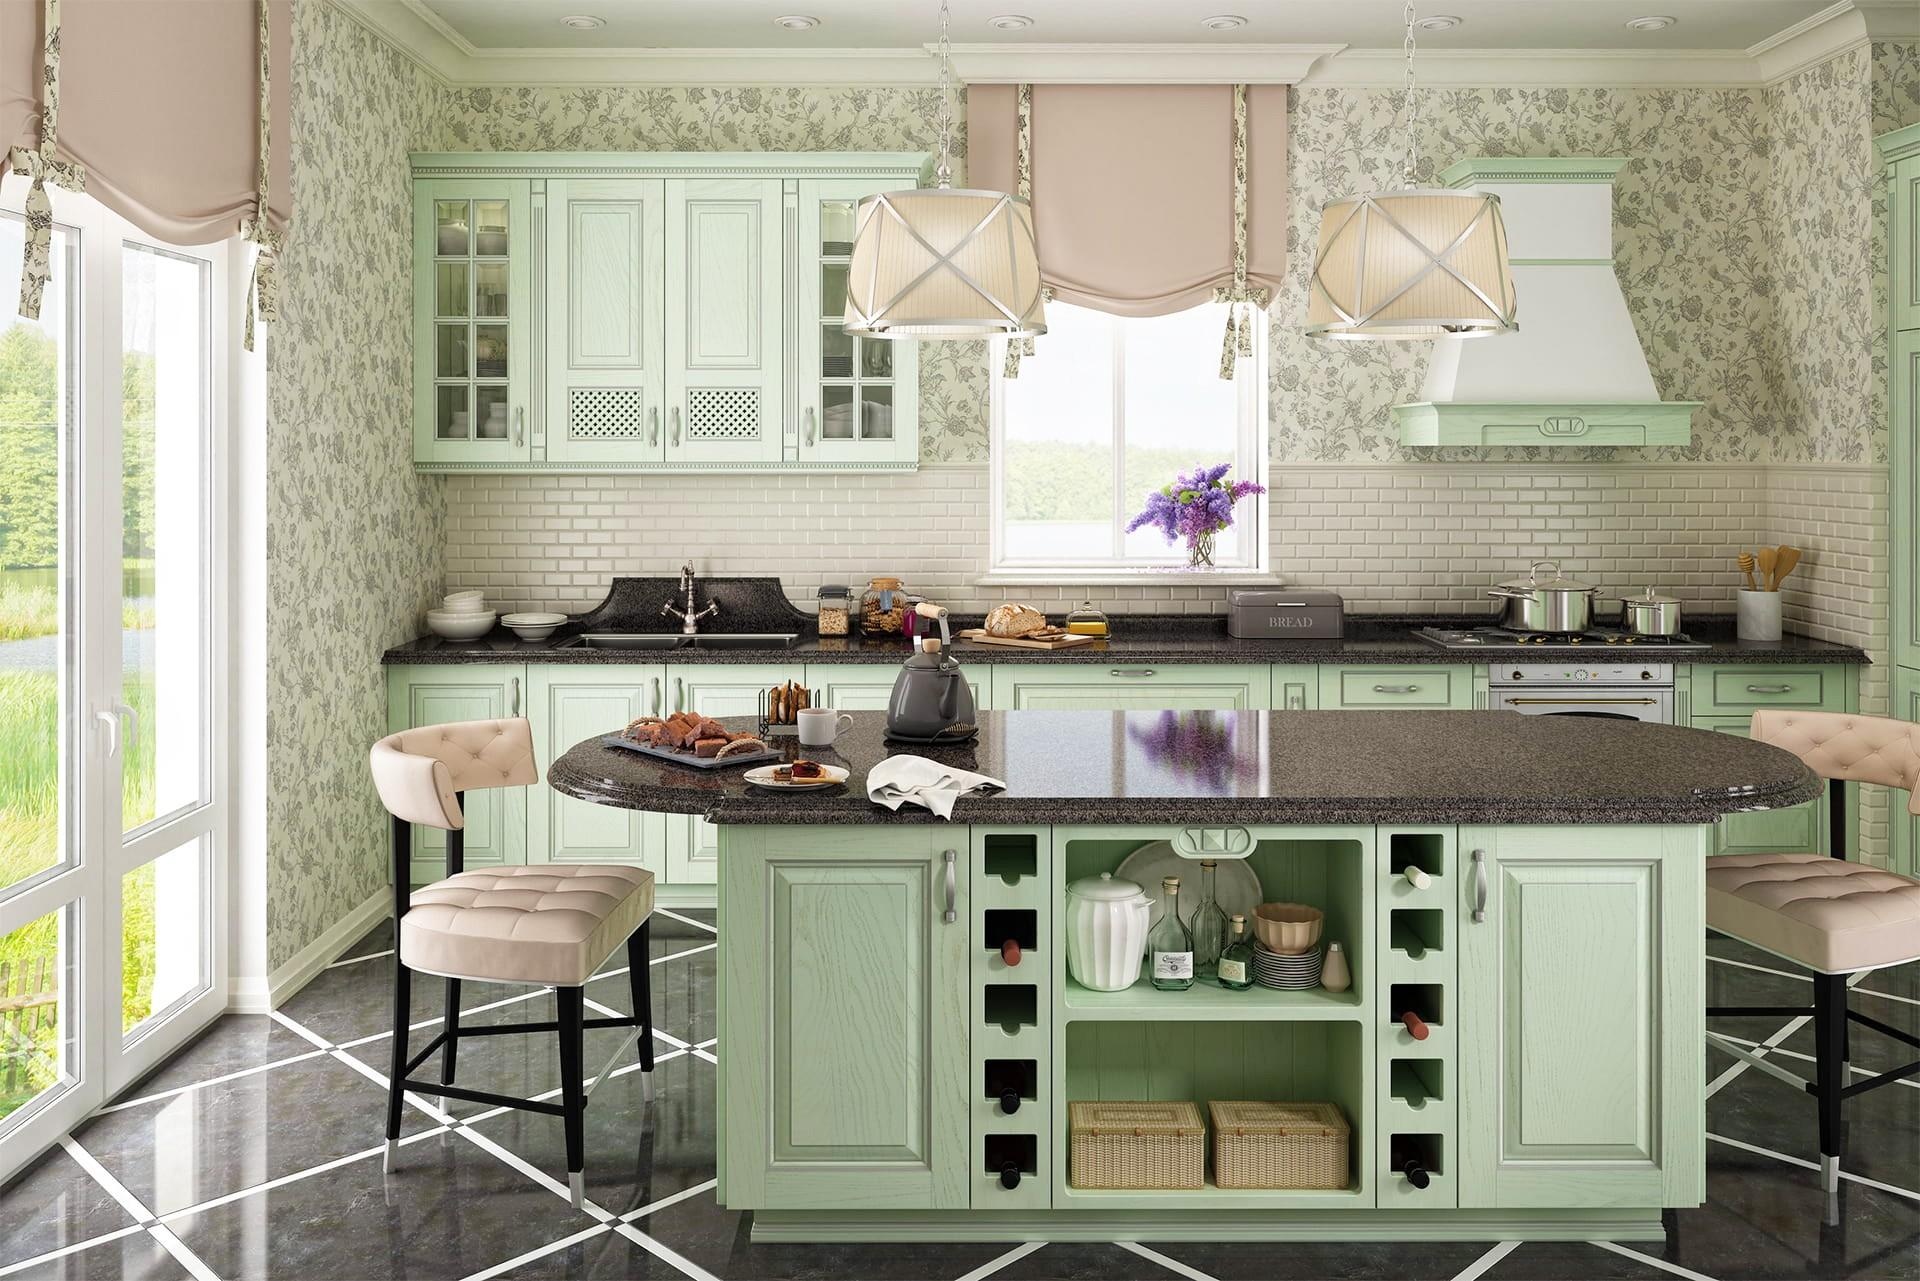 Full Size of Küche Planen Und Einbauen Lassen Hausbau Wann Küche Planen Ikea Küche Planen Termin Küche Planen Göppingen Küche Küche Planen